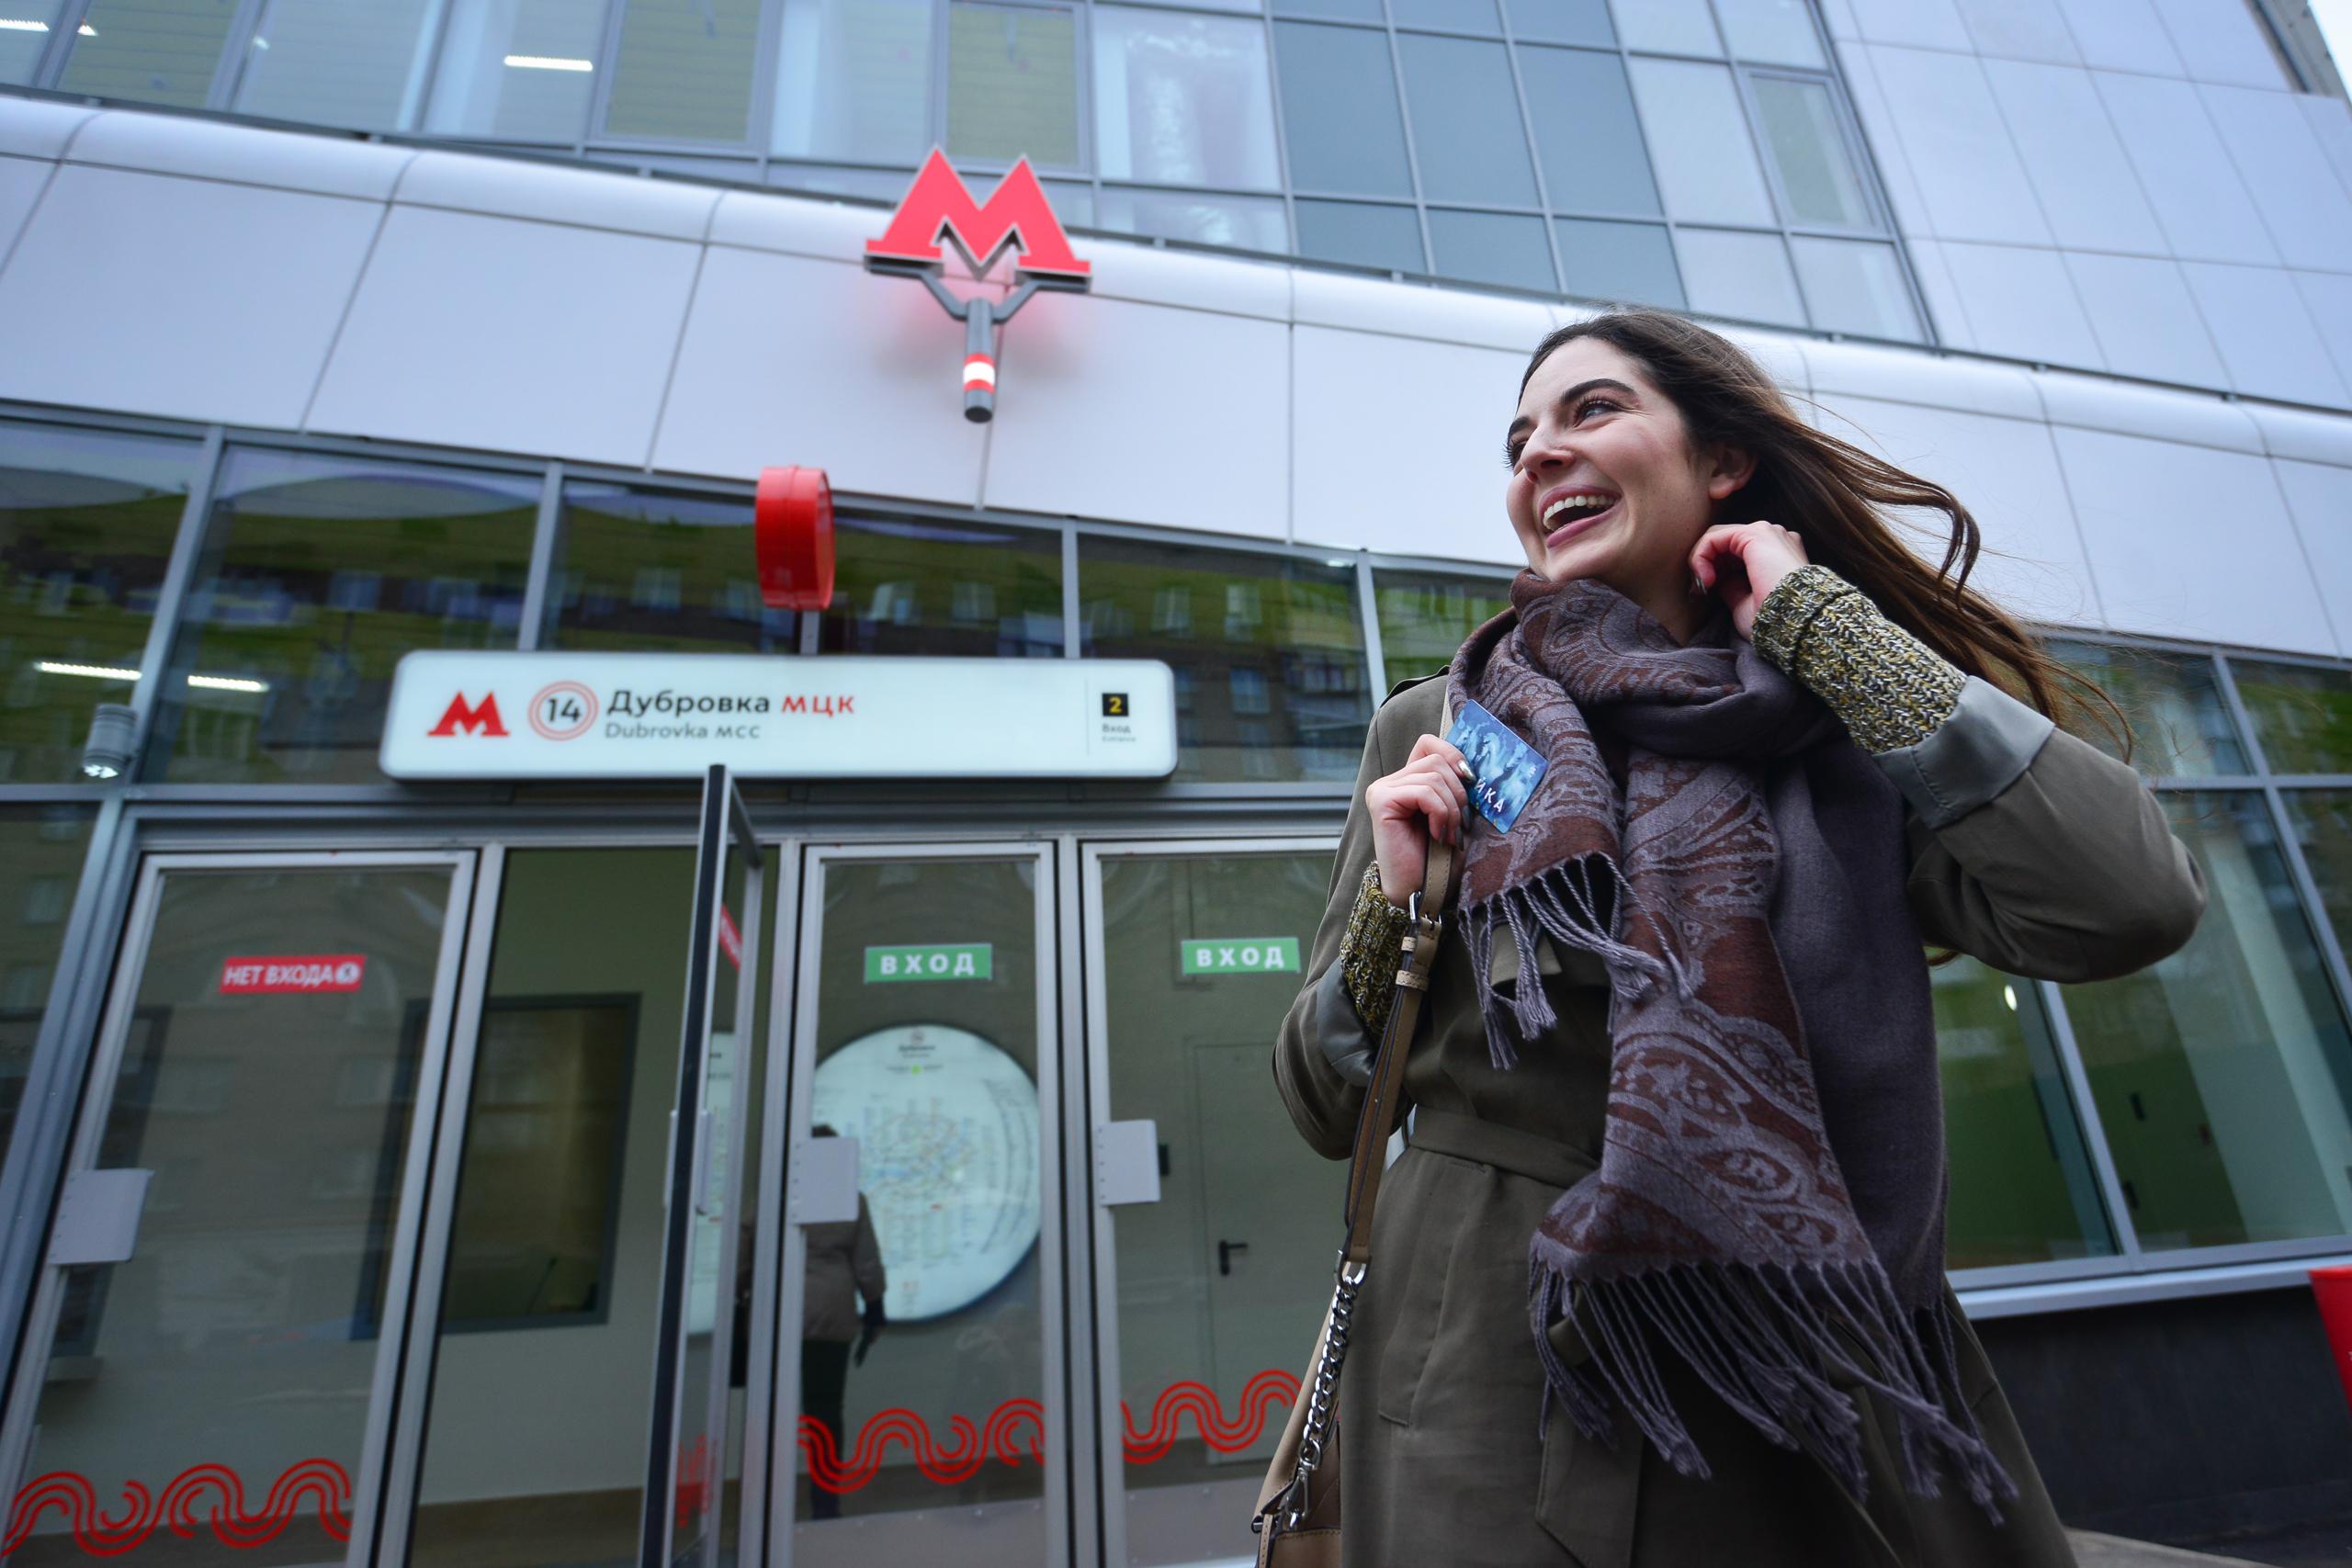 Москвичи высоко оценили возможность приобретения билетов на наземный транспорт на МЦК